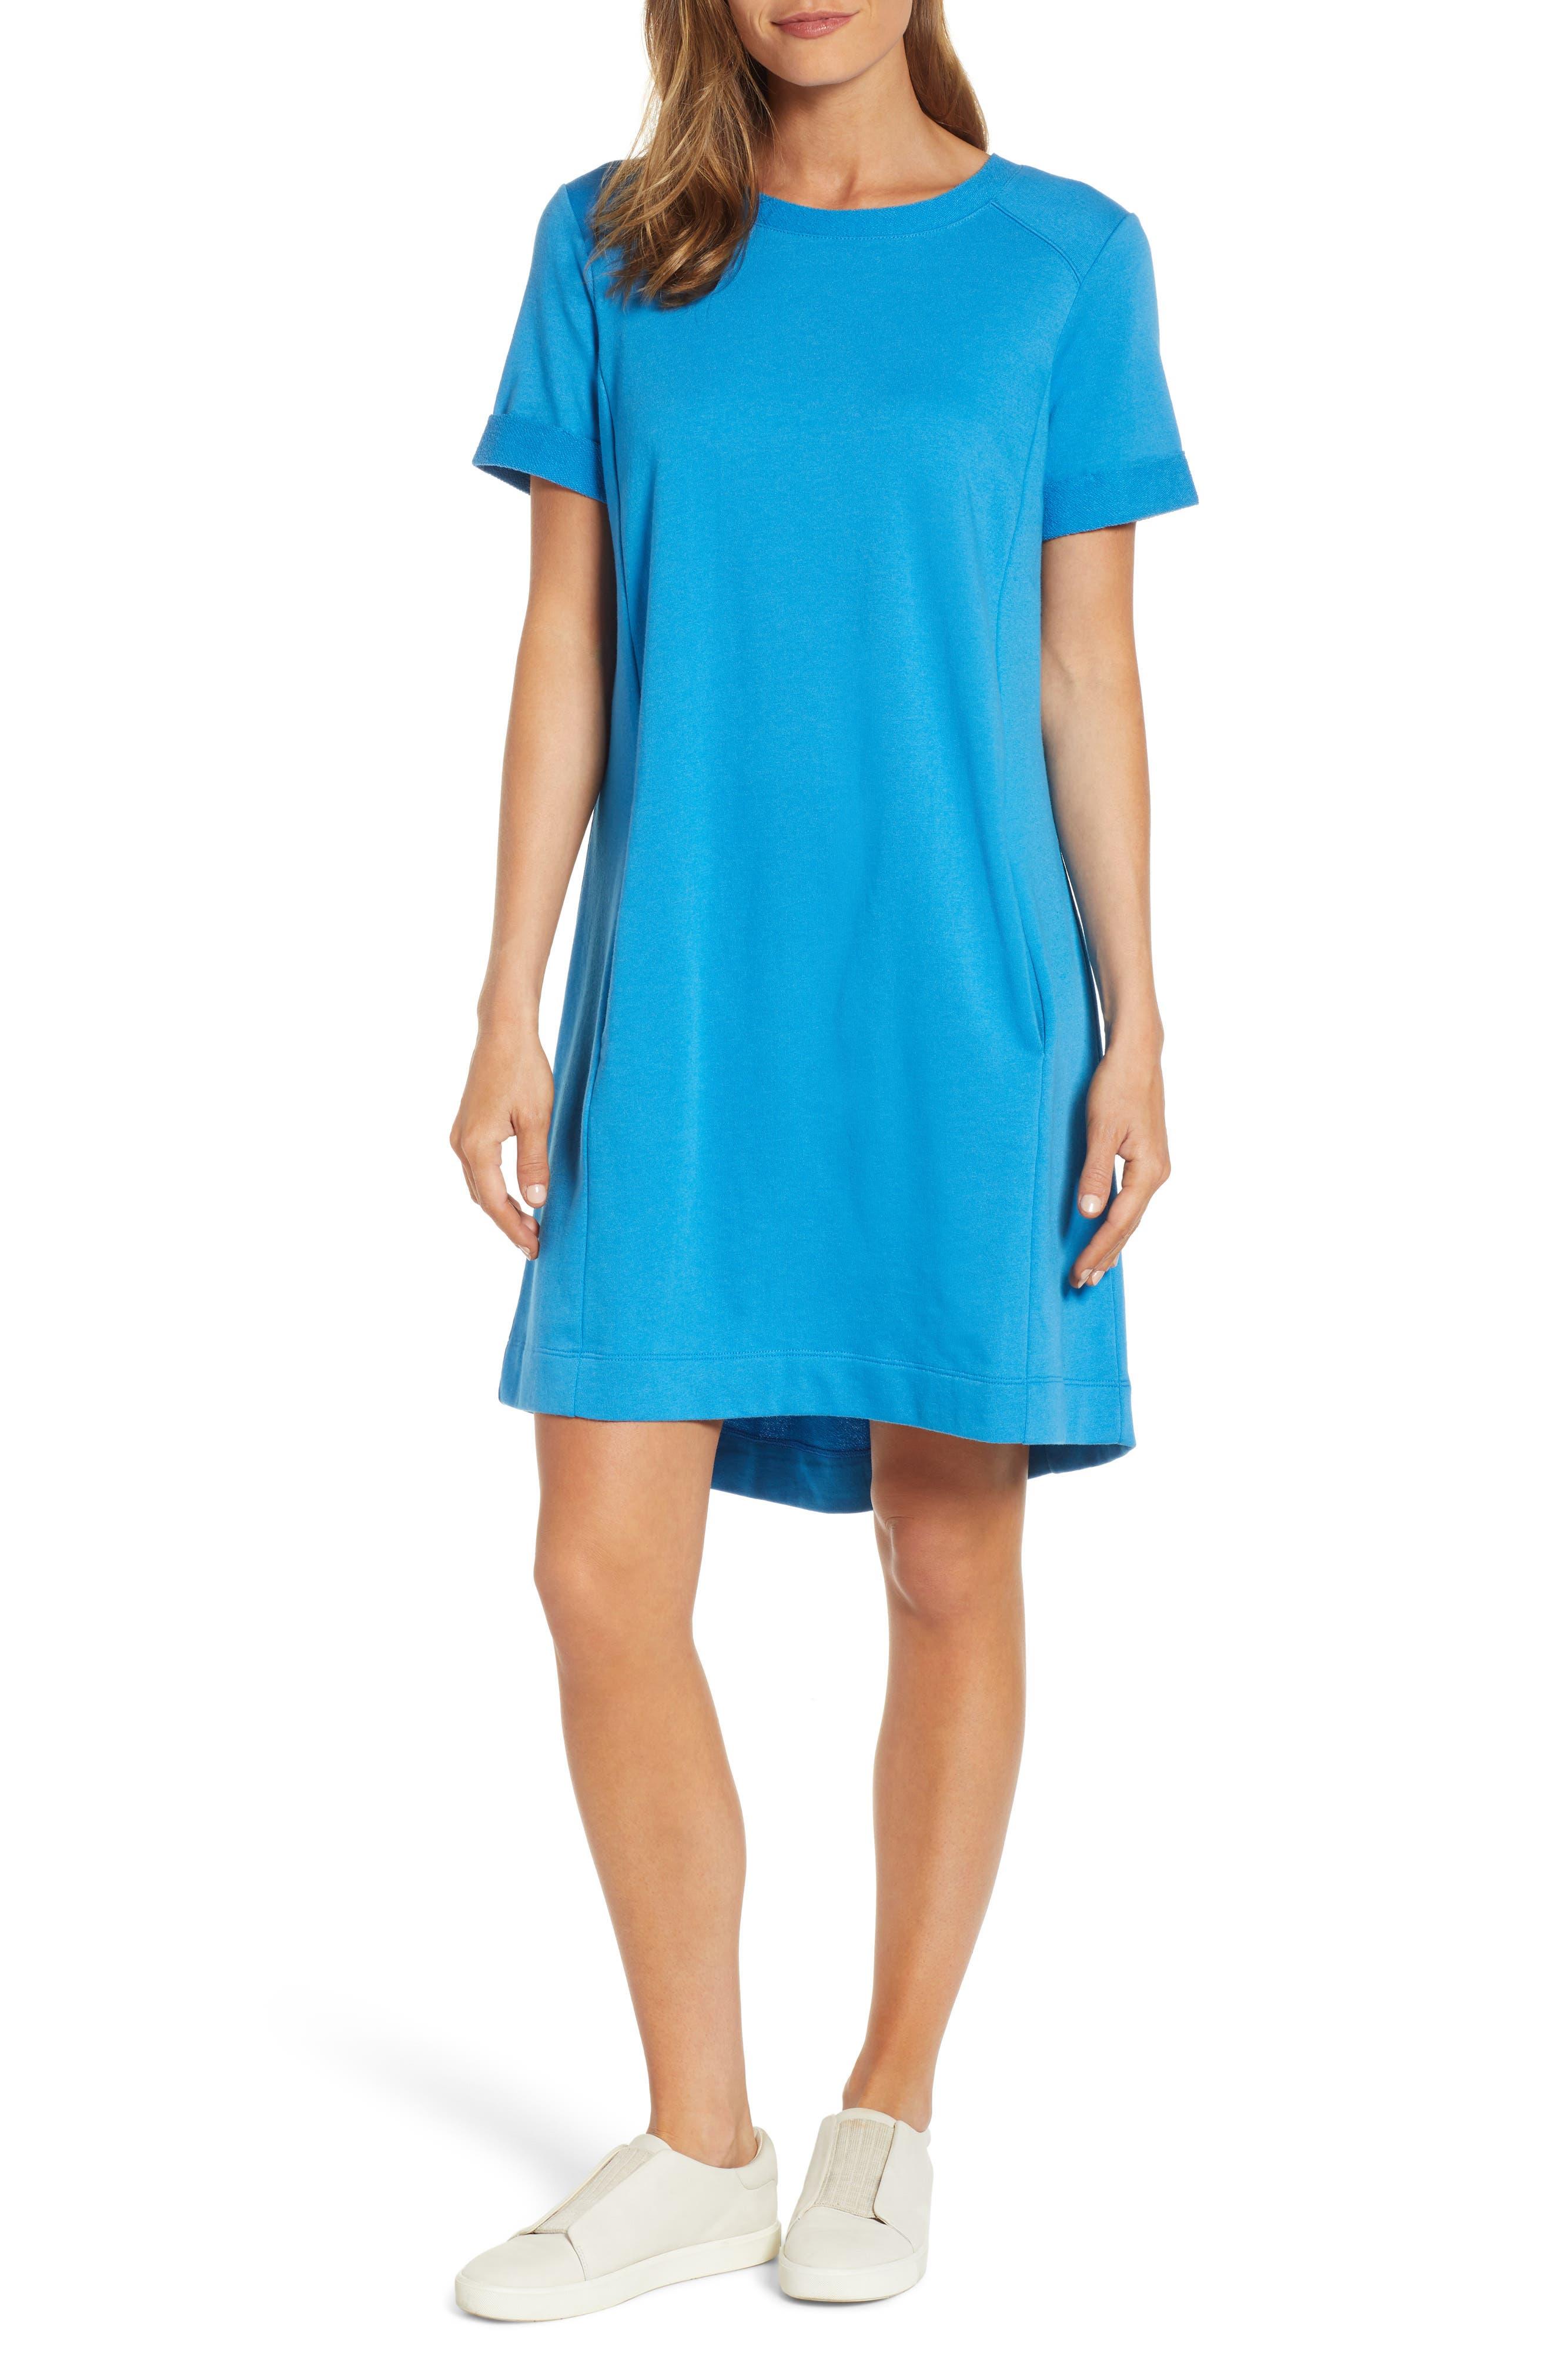 Caslon Short Sleeve Cotton Blend Dress, Blue